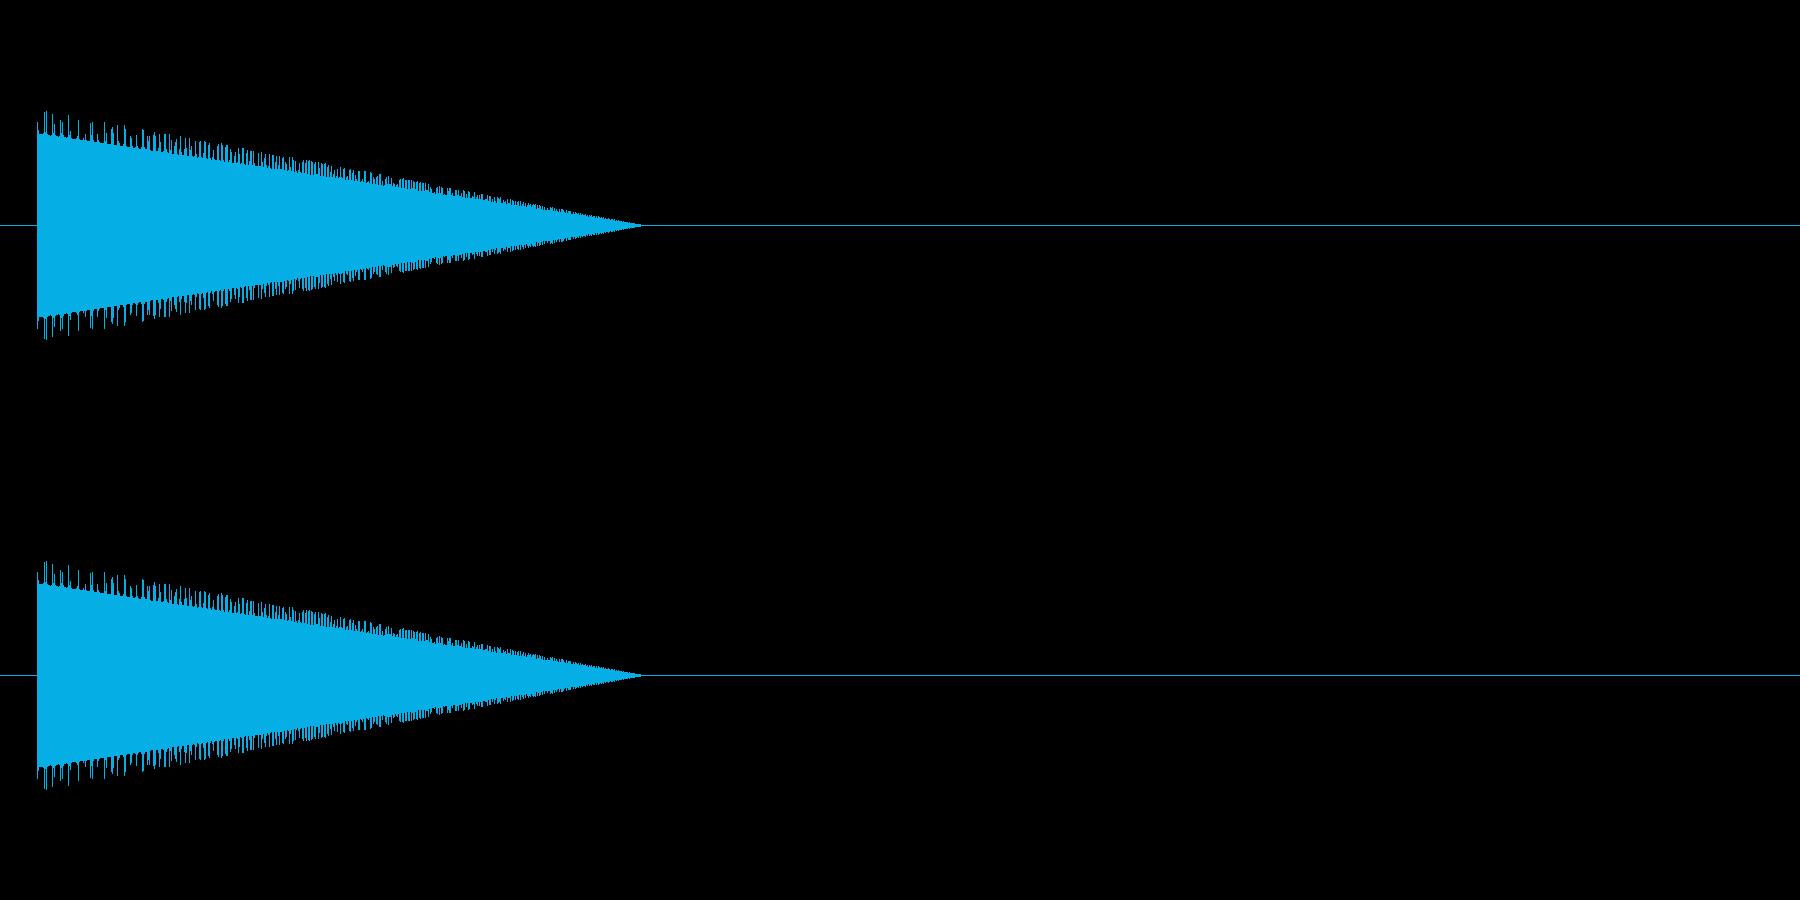 レトロゲーム風・ジャンプ#3の再生済みの波形